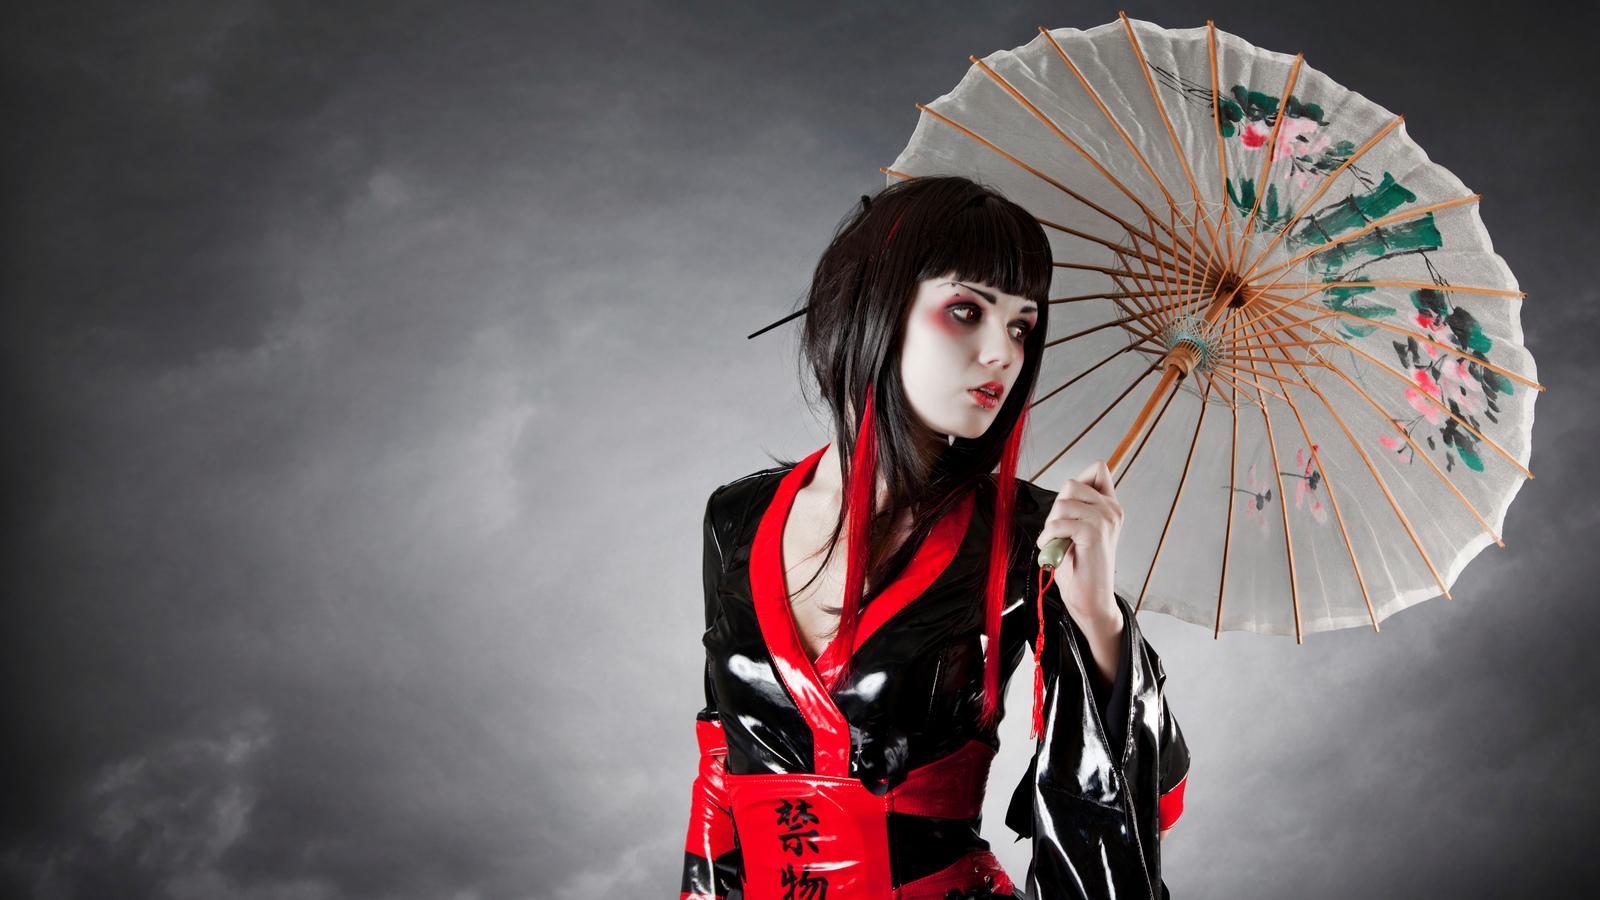 Смотреть онлайн китайский фетиш 6 фотография